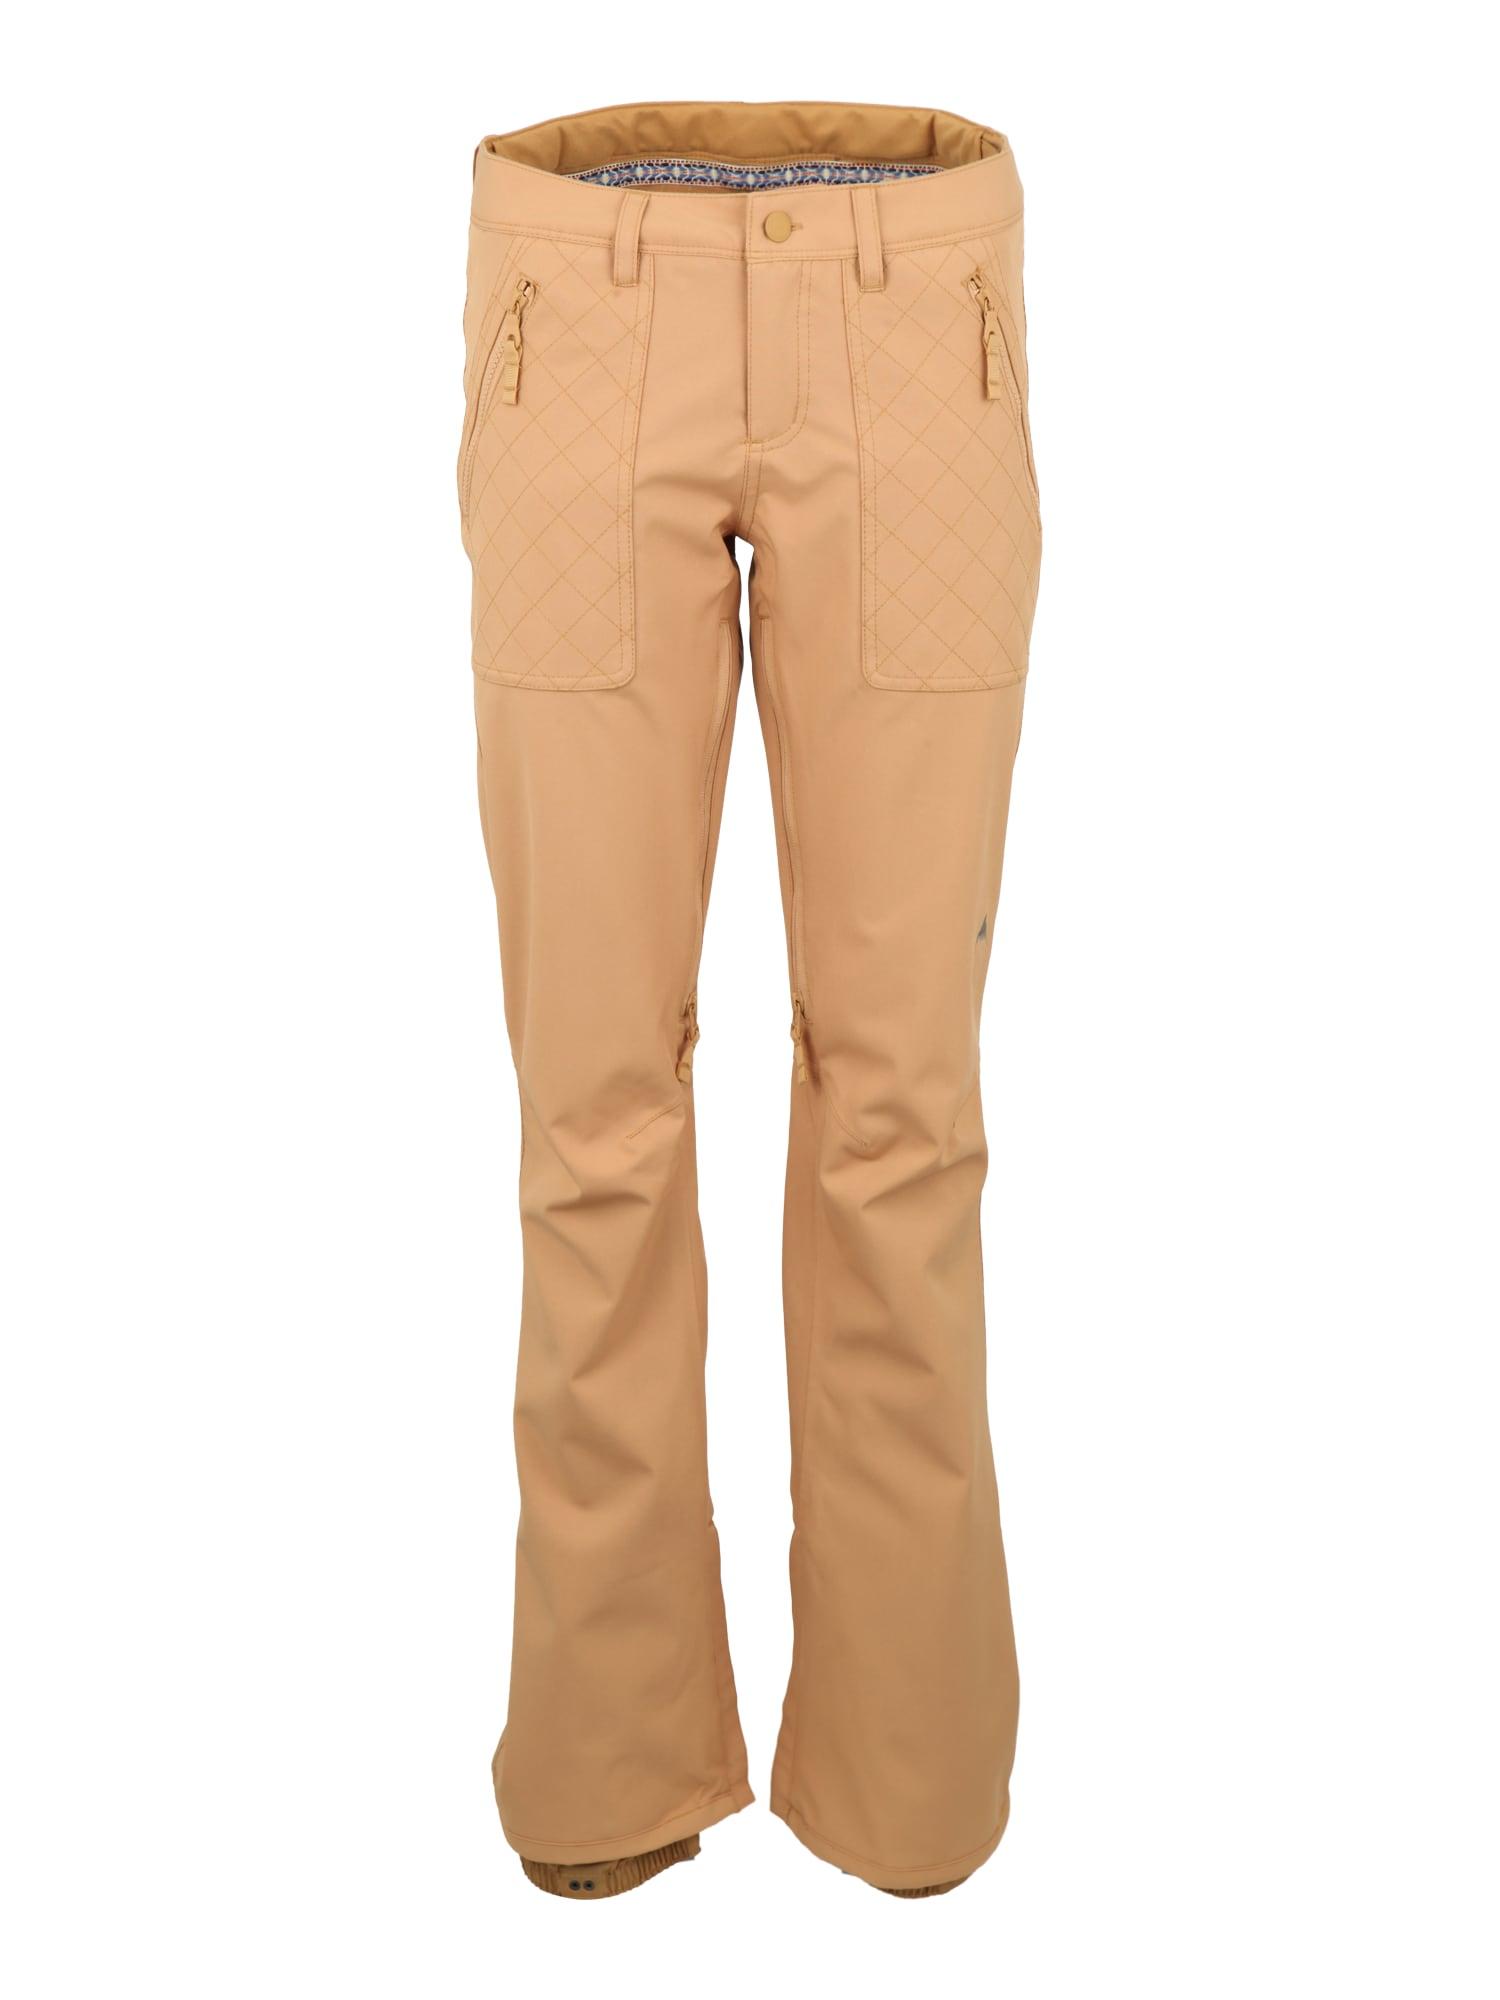 Outdoorové kalhoty VIDA světle hnědá BURTON